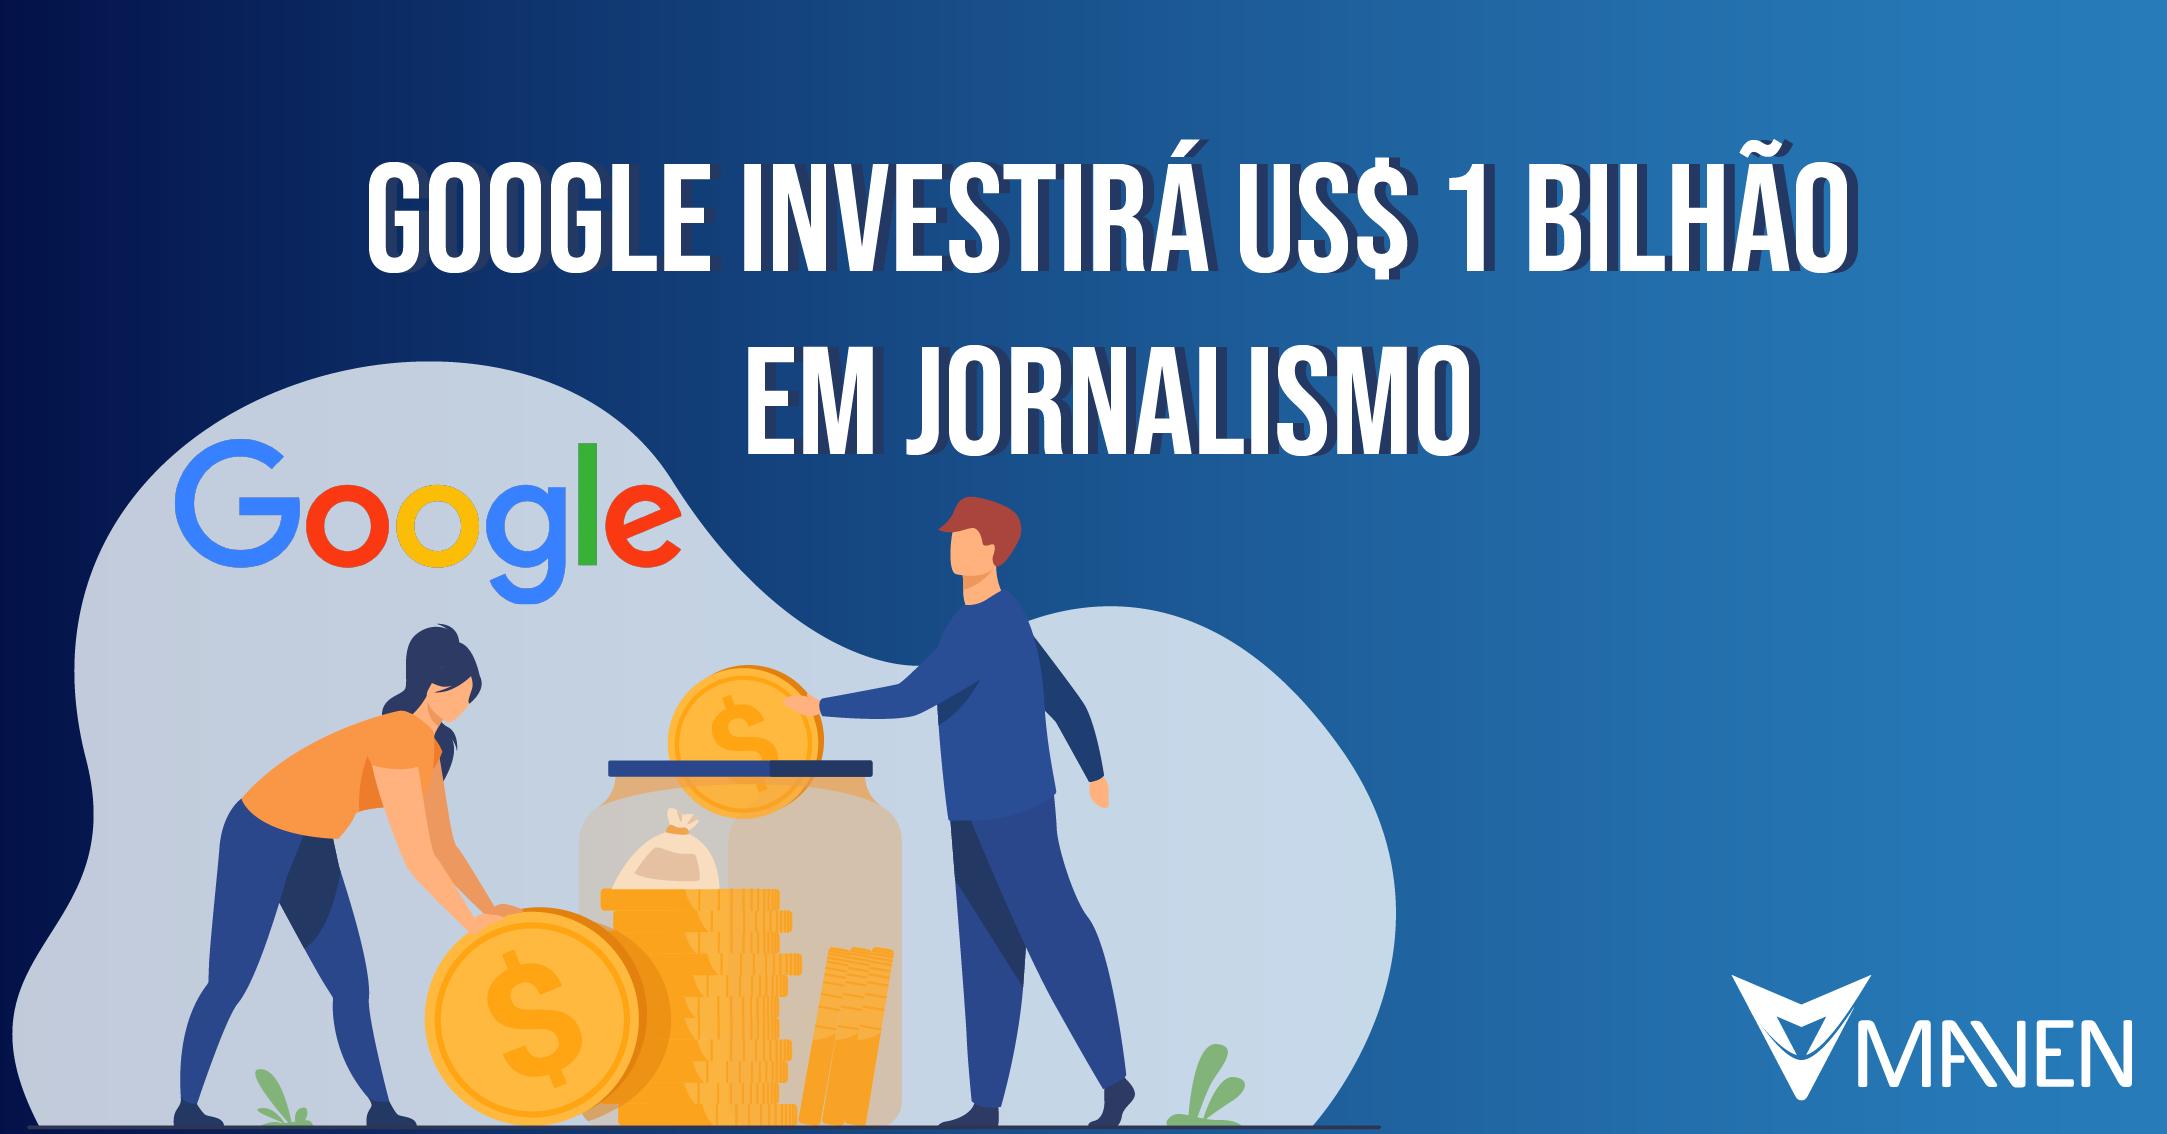 Google investirá US$ 1 bilhão em jornalismo